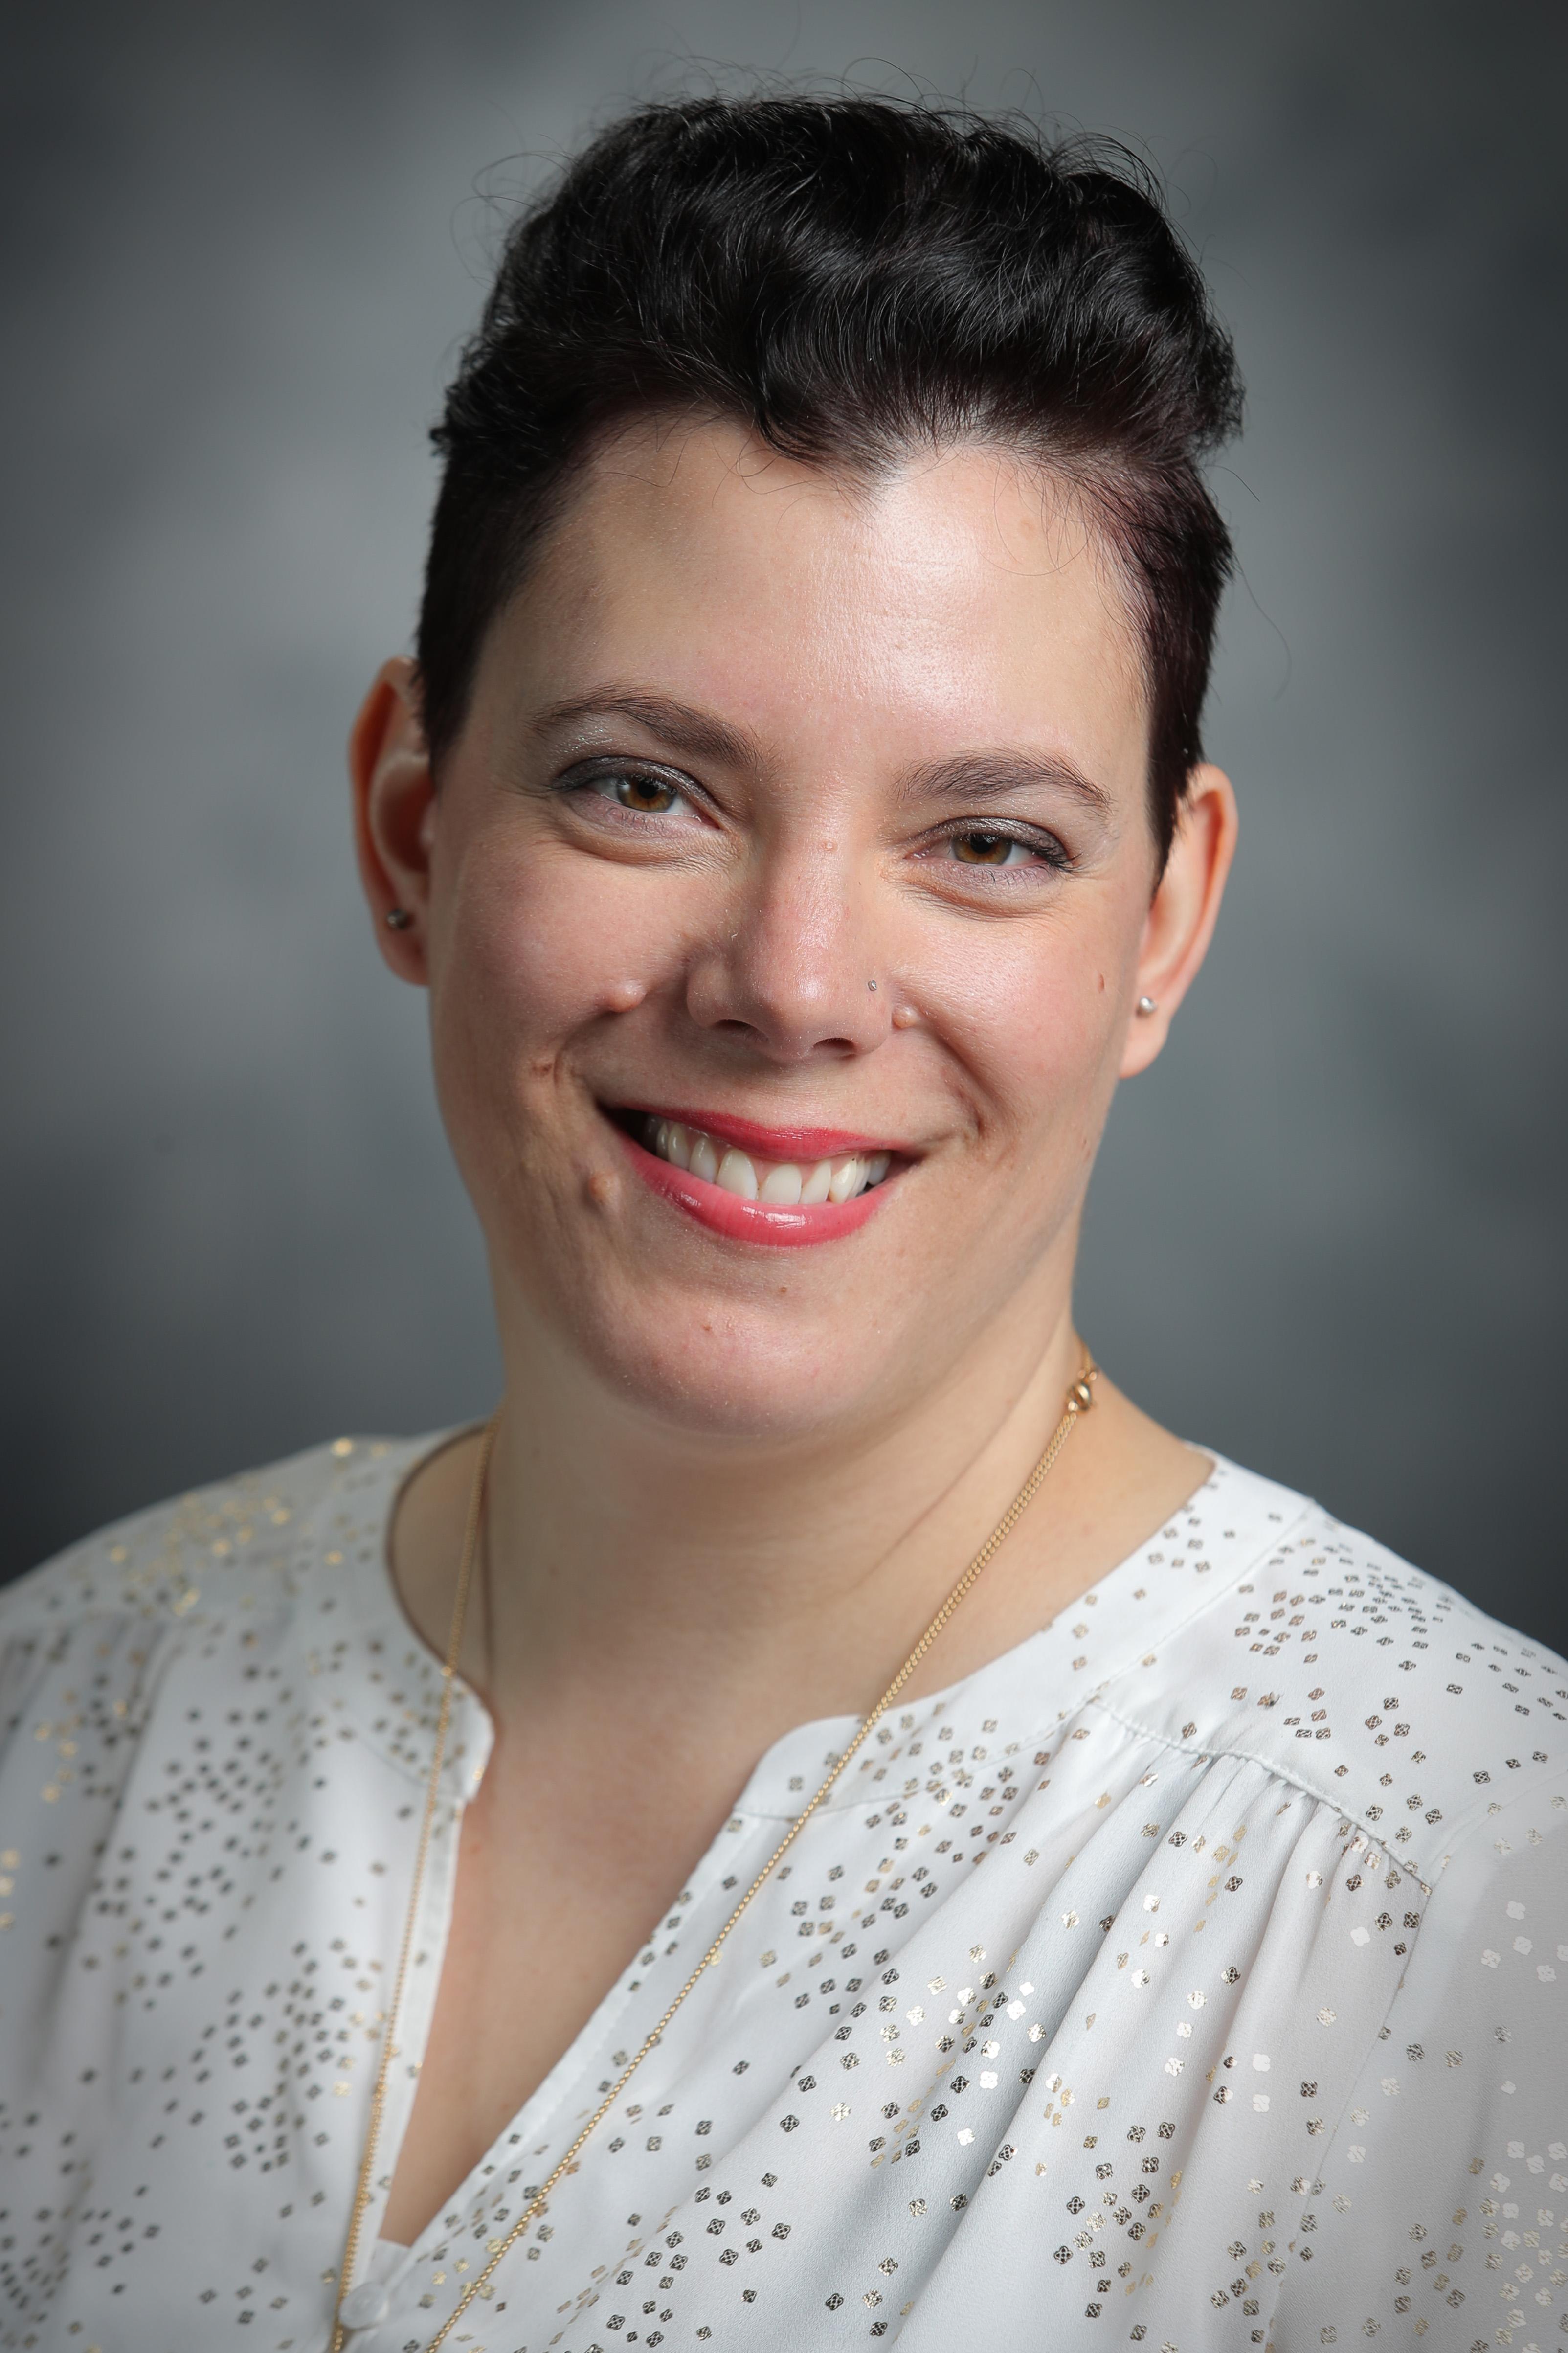 Meggie Miller